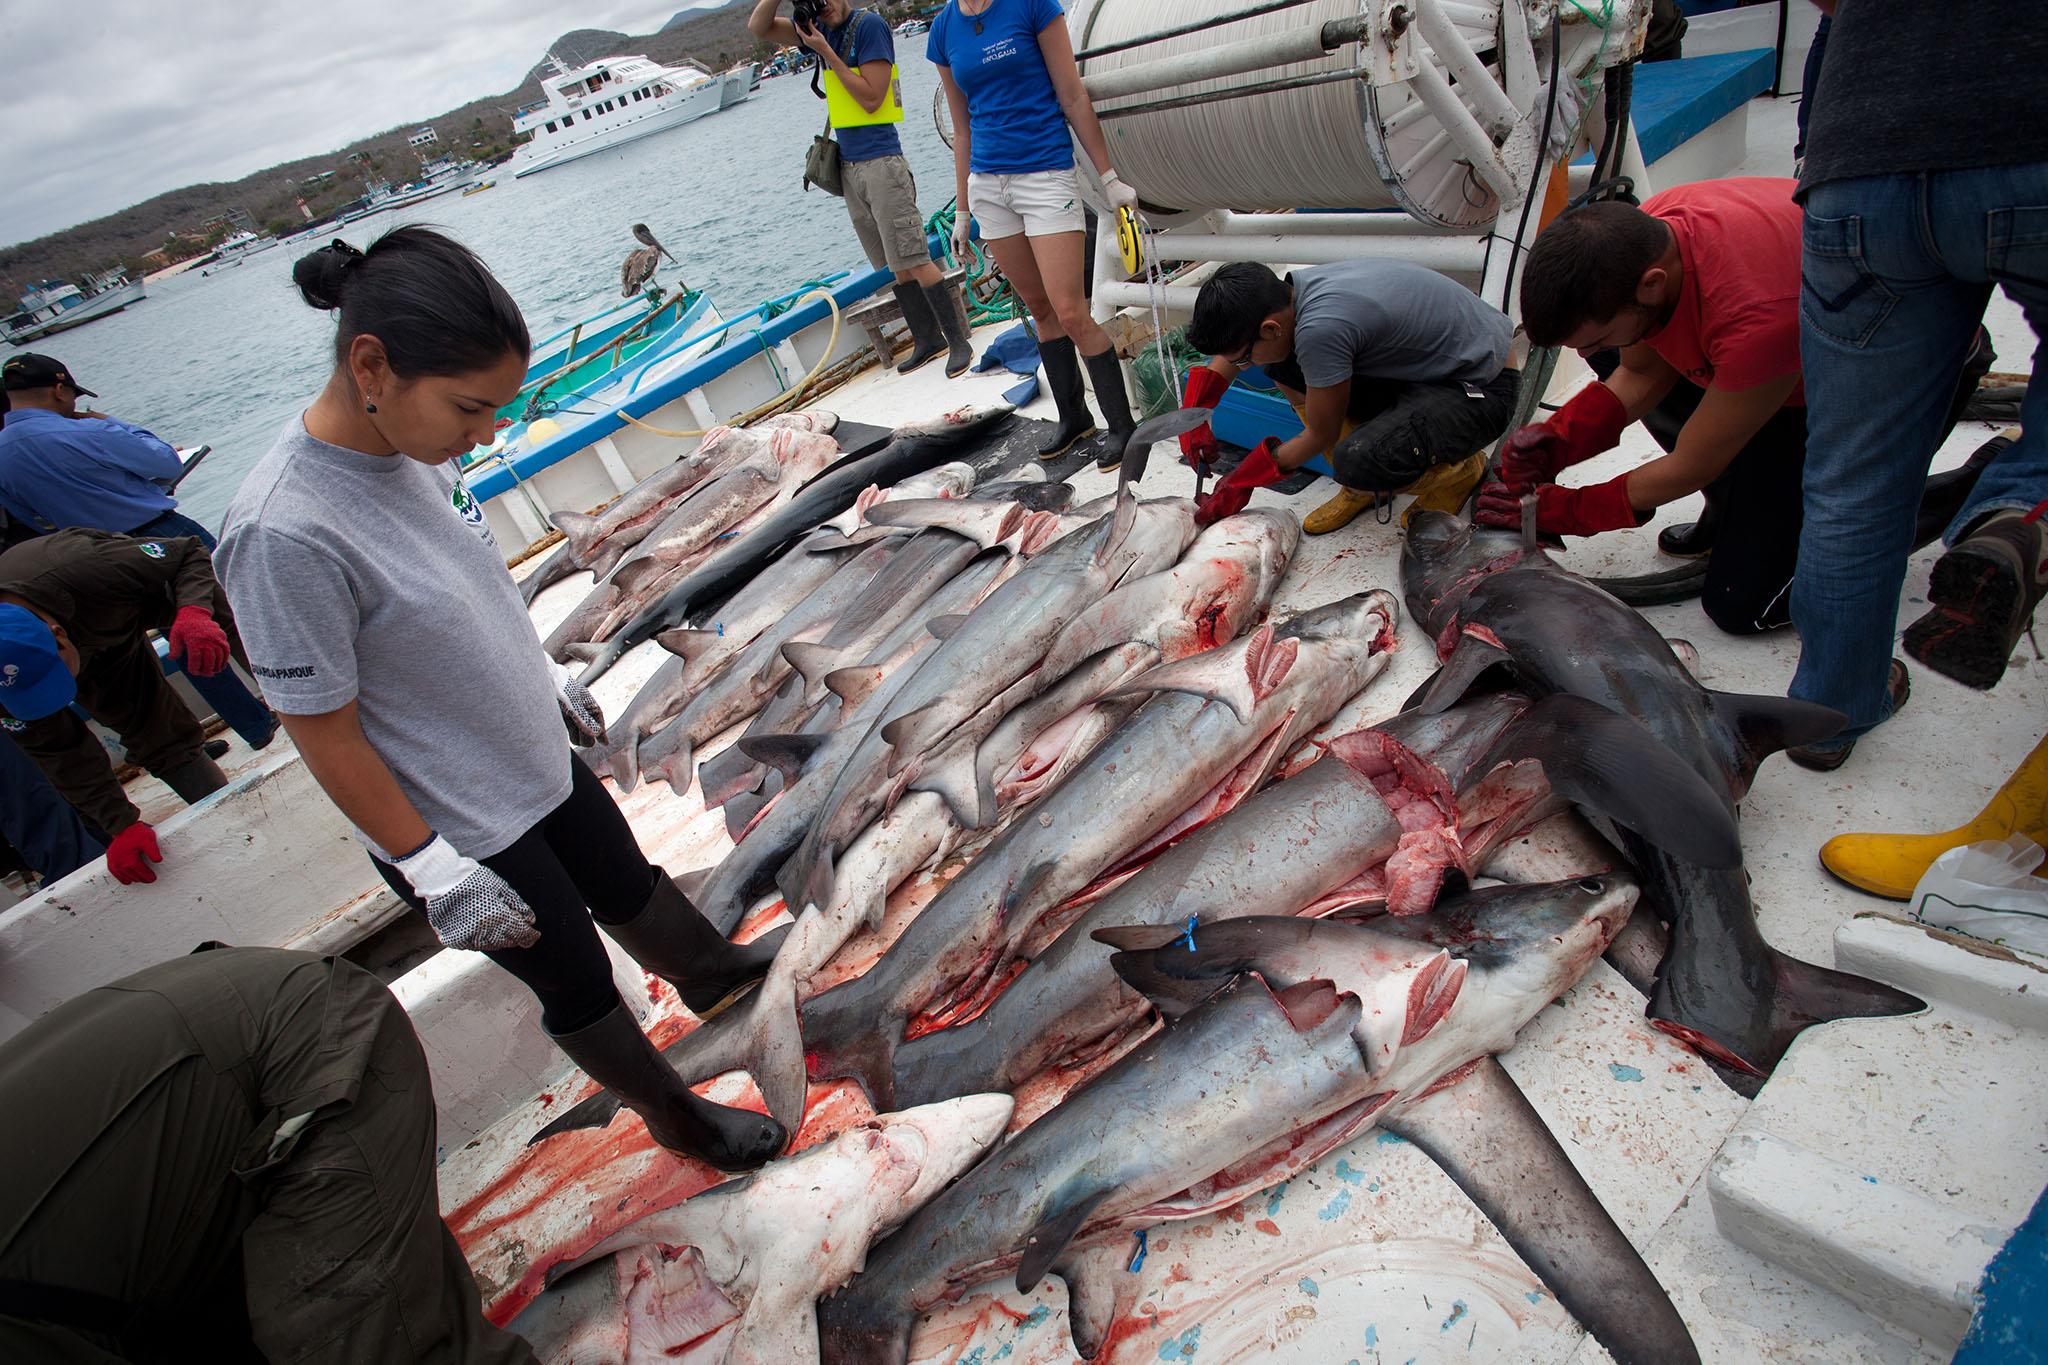 HumanAnimal__Shark_Finning_31.jpg